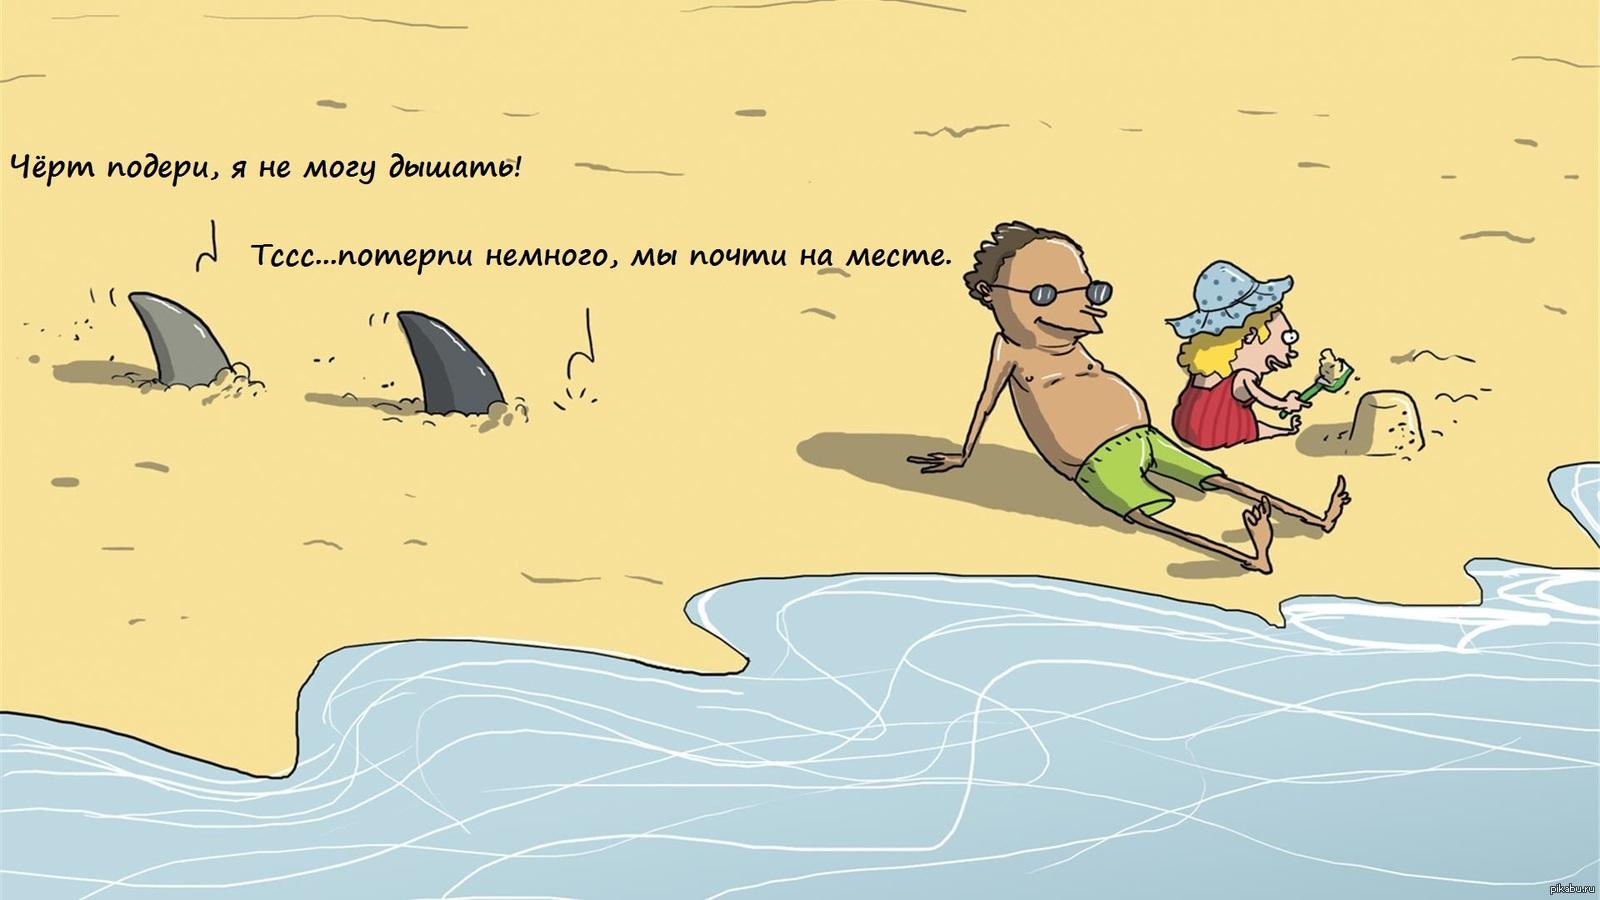 Прикольные картинки на тему еду с моря, картинки смешные